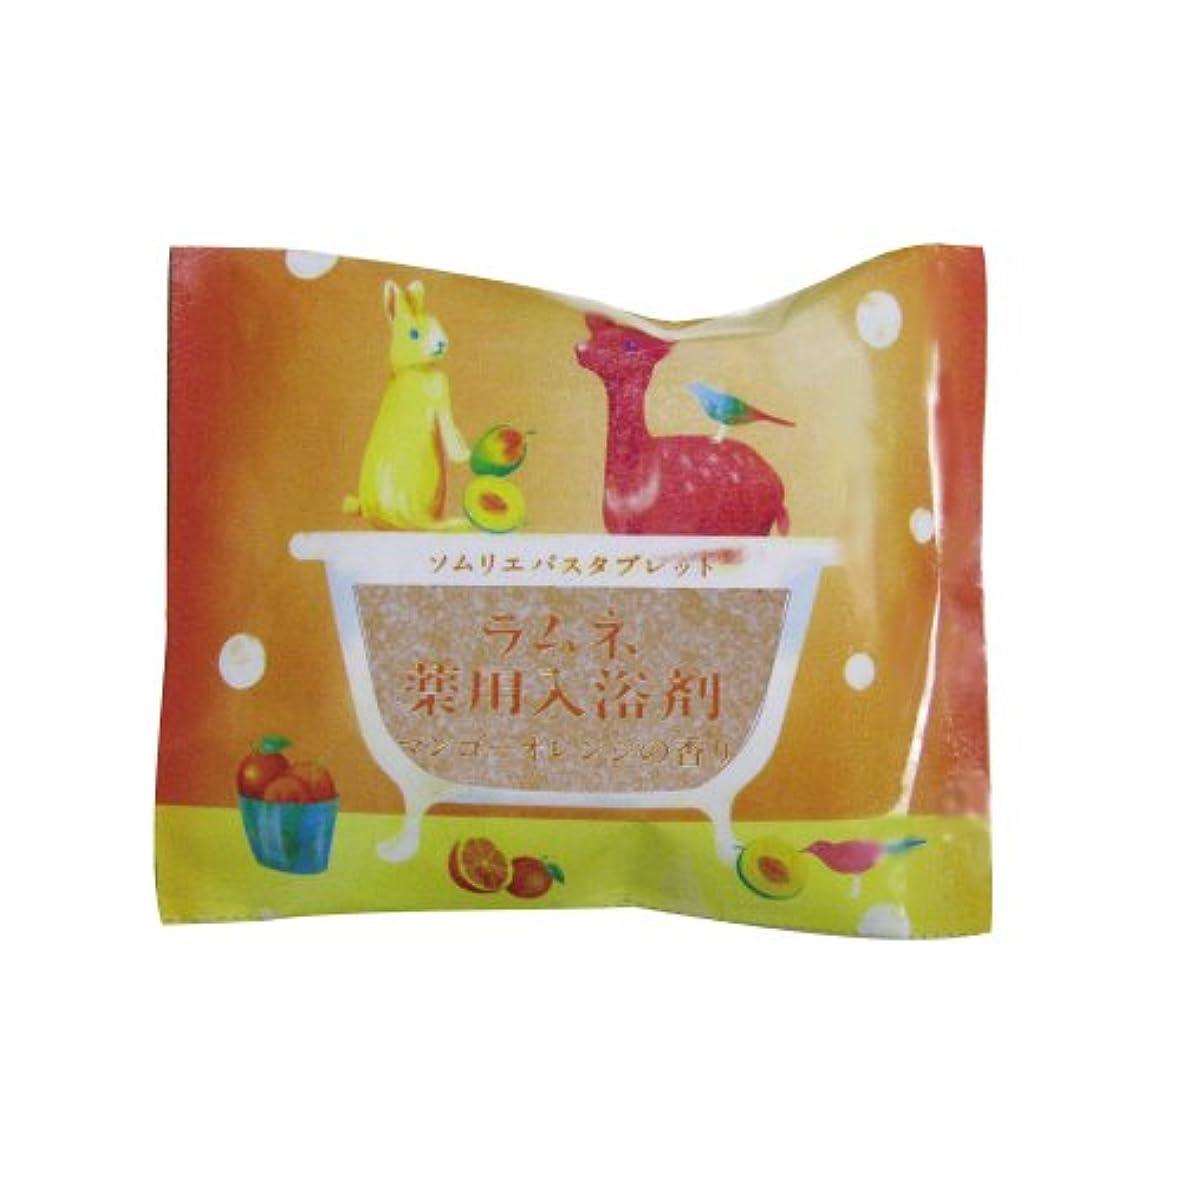 成功する砂に変わるソムリエバスタブレット ラムネ薬用入浴剤 マンゴーオレンジの香り 12個セット